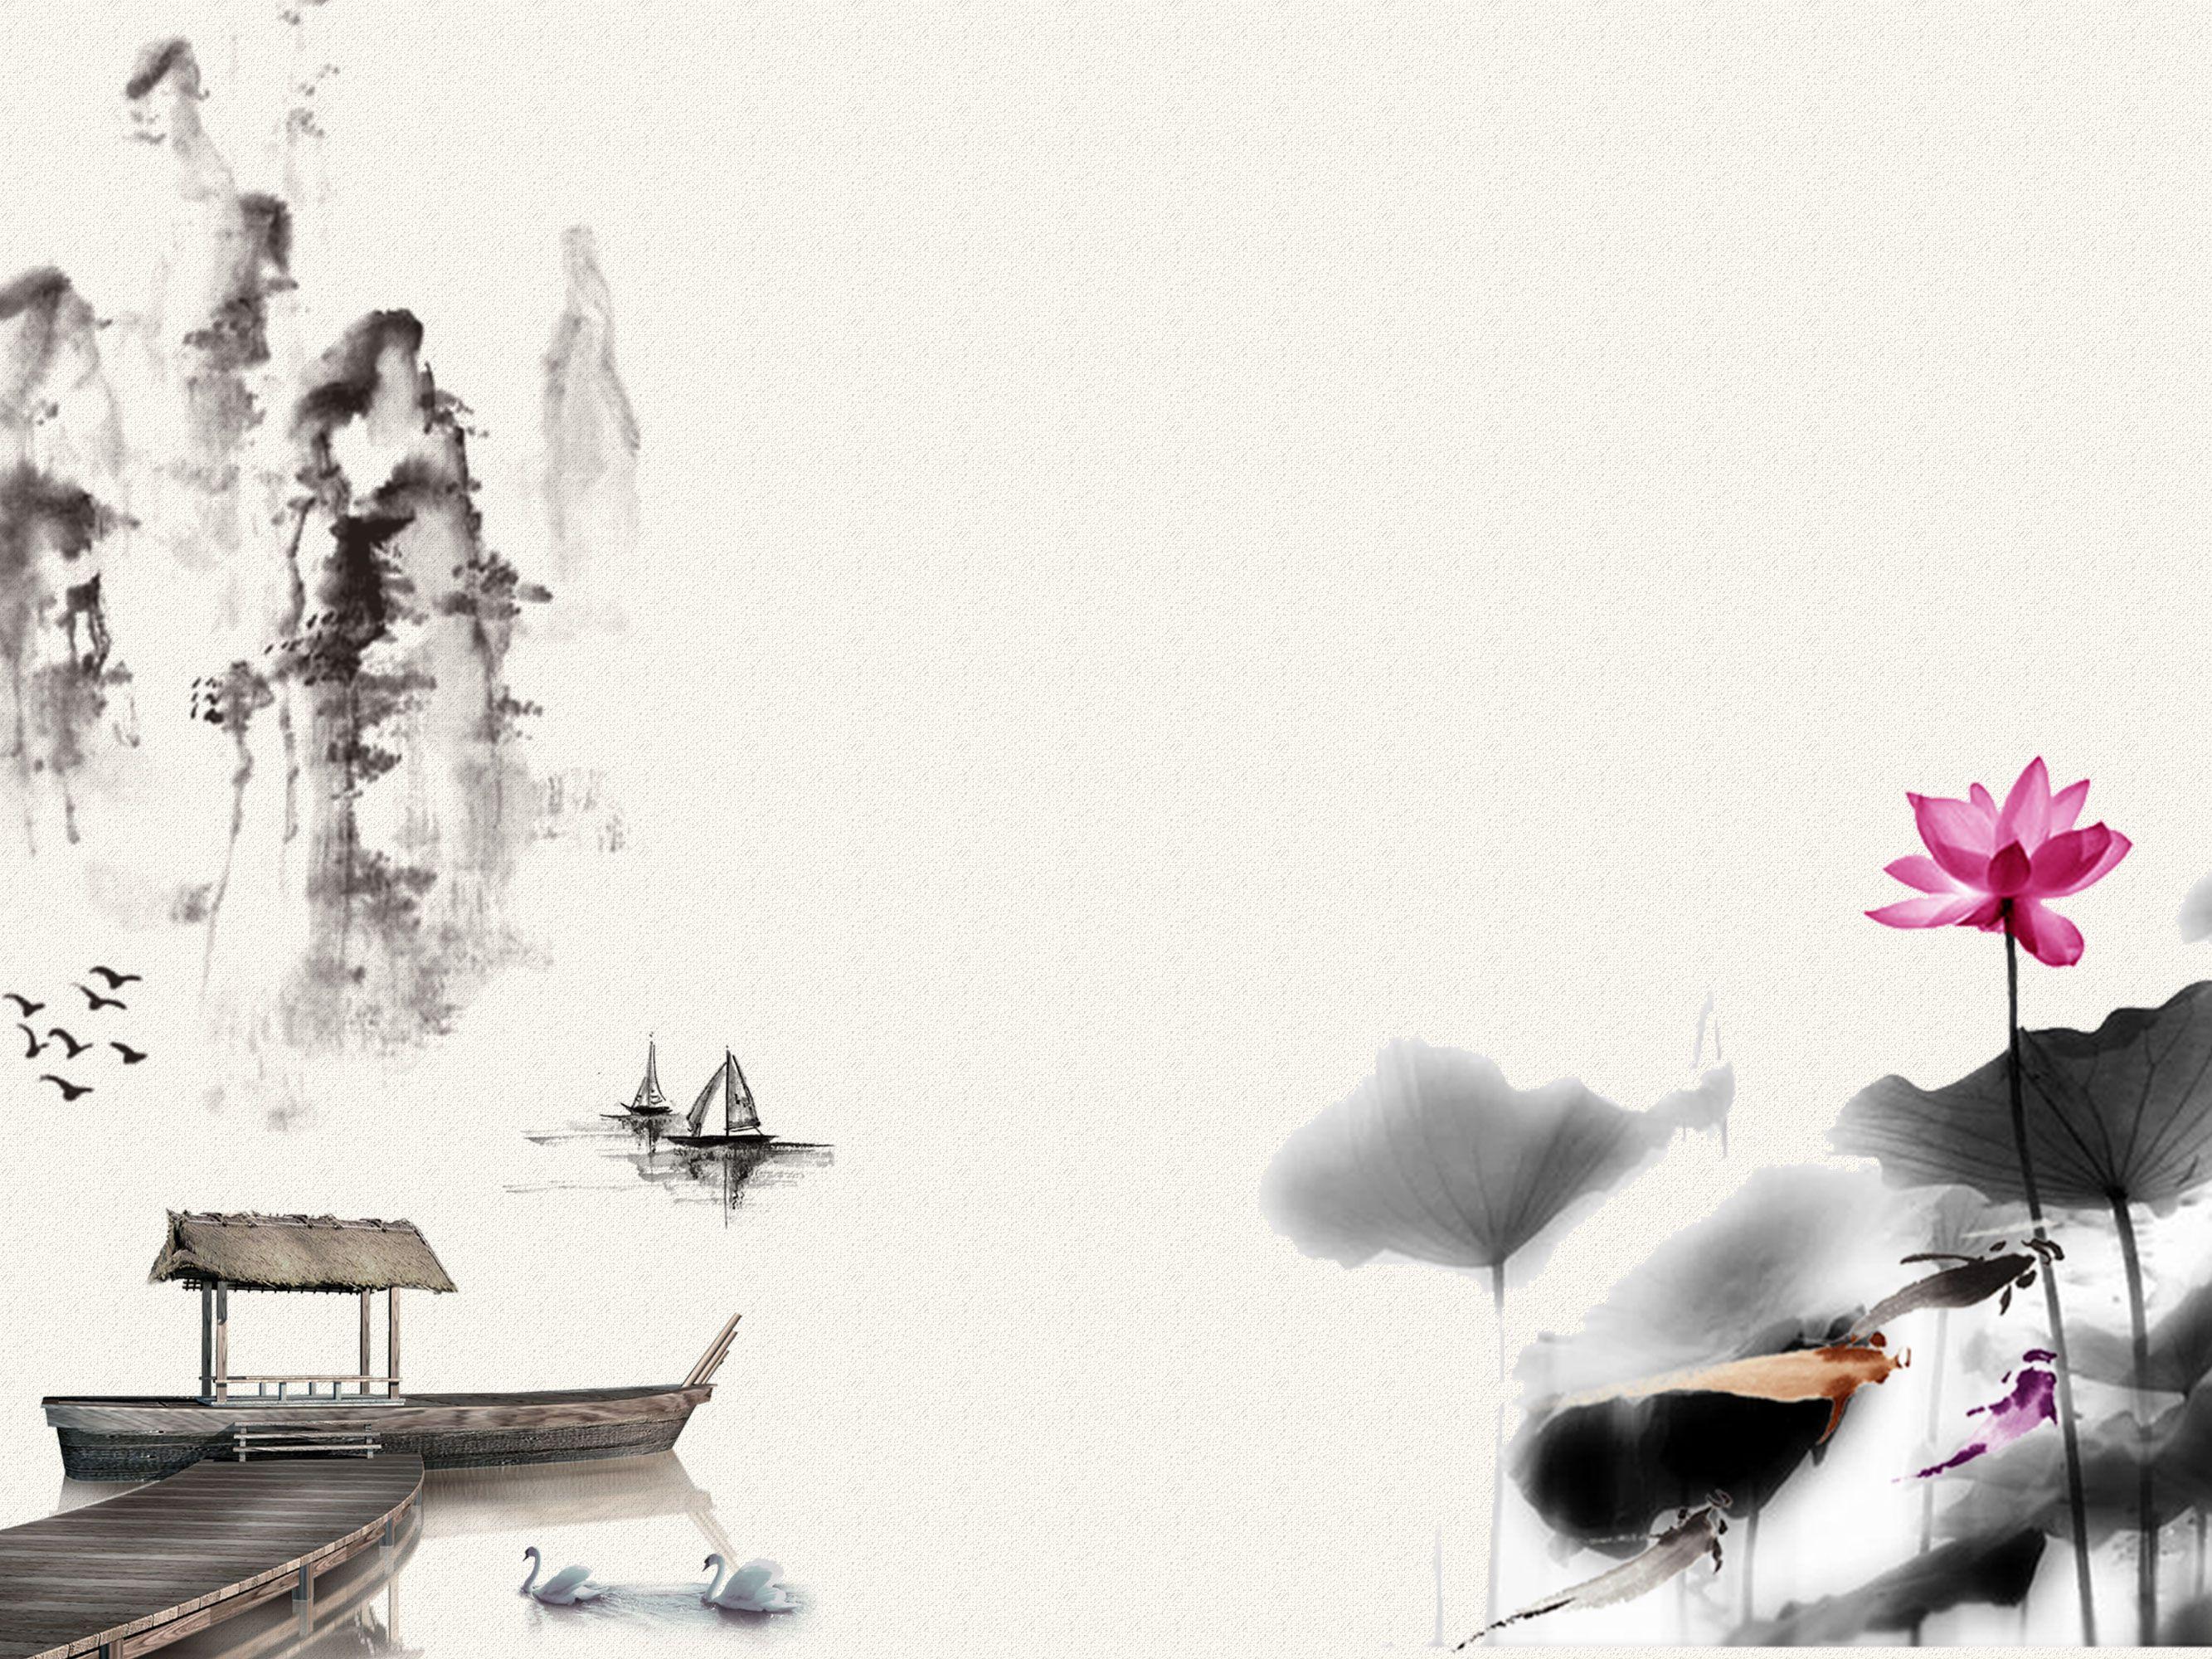 【14日14:00】王明夫:知行合一、内圣外王—王阳明思想与企业家修身齐家兴业